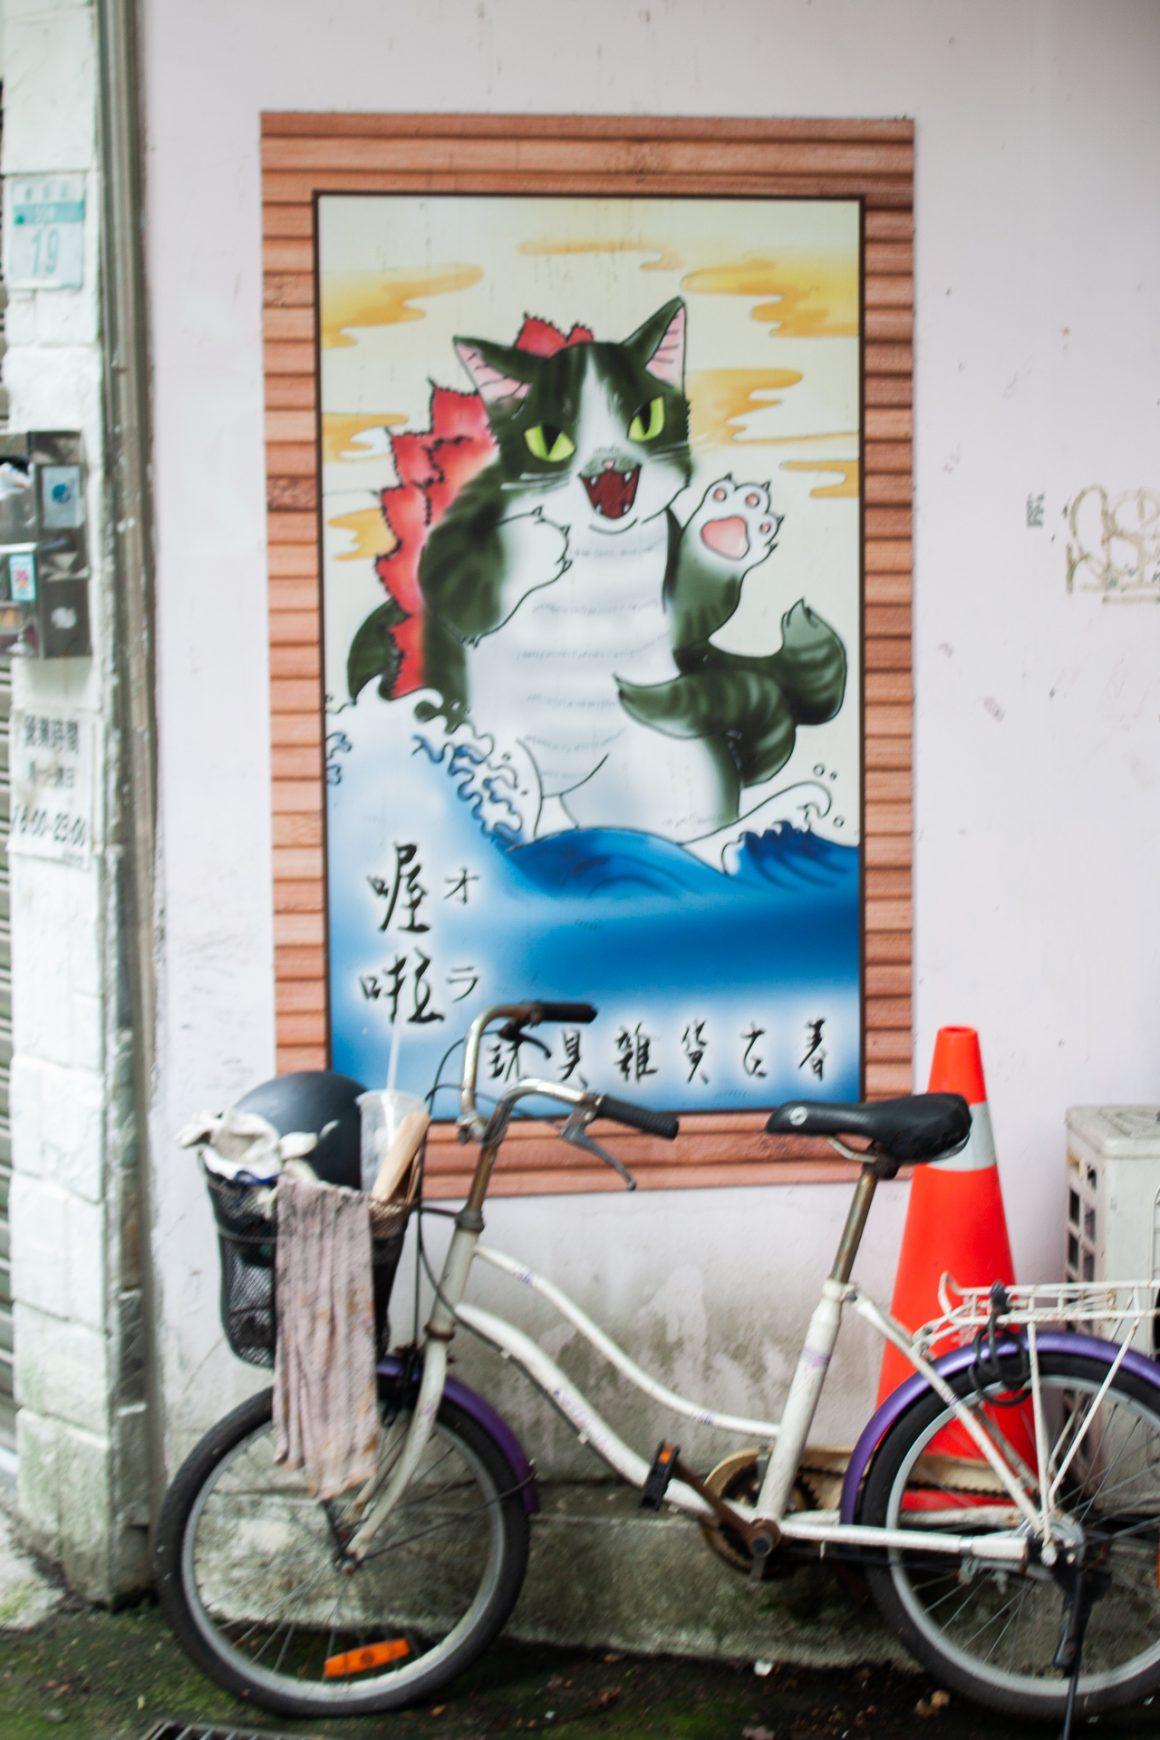 Funny cat art and bike in Taipei, Taiwan